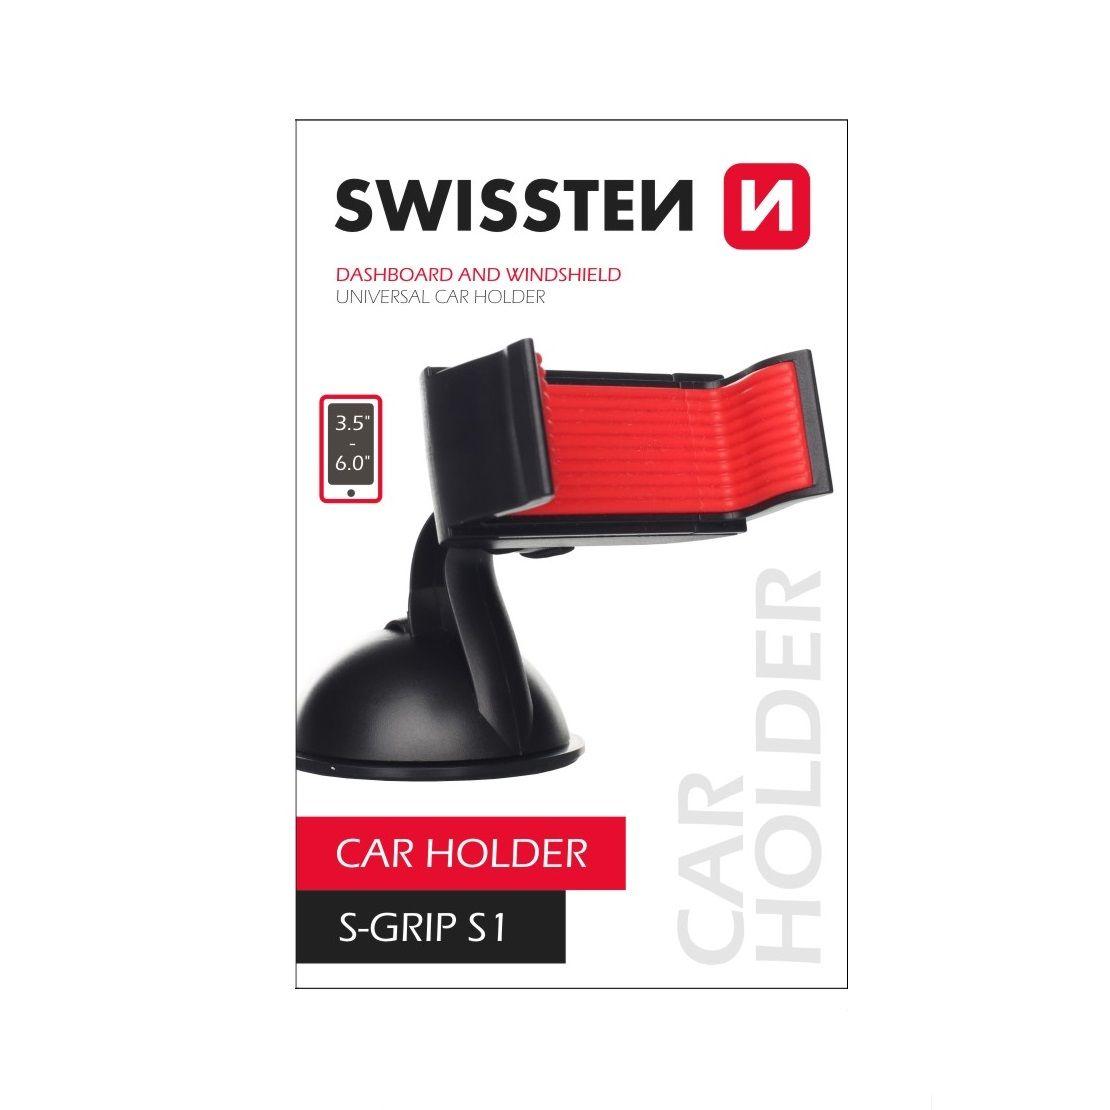 Swissten držák do auta univerzální s nano podložkou, S-GRIP S1 (Blister)